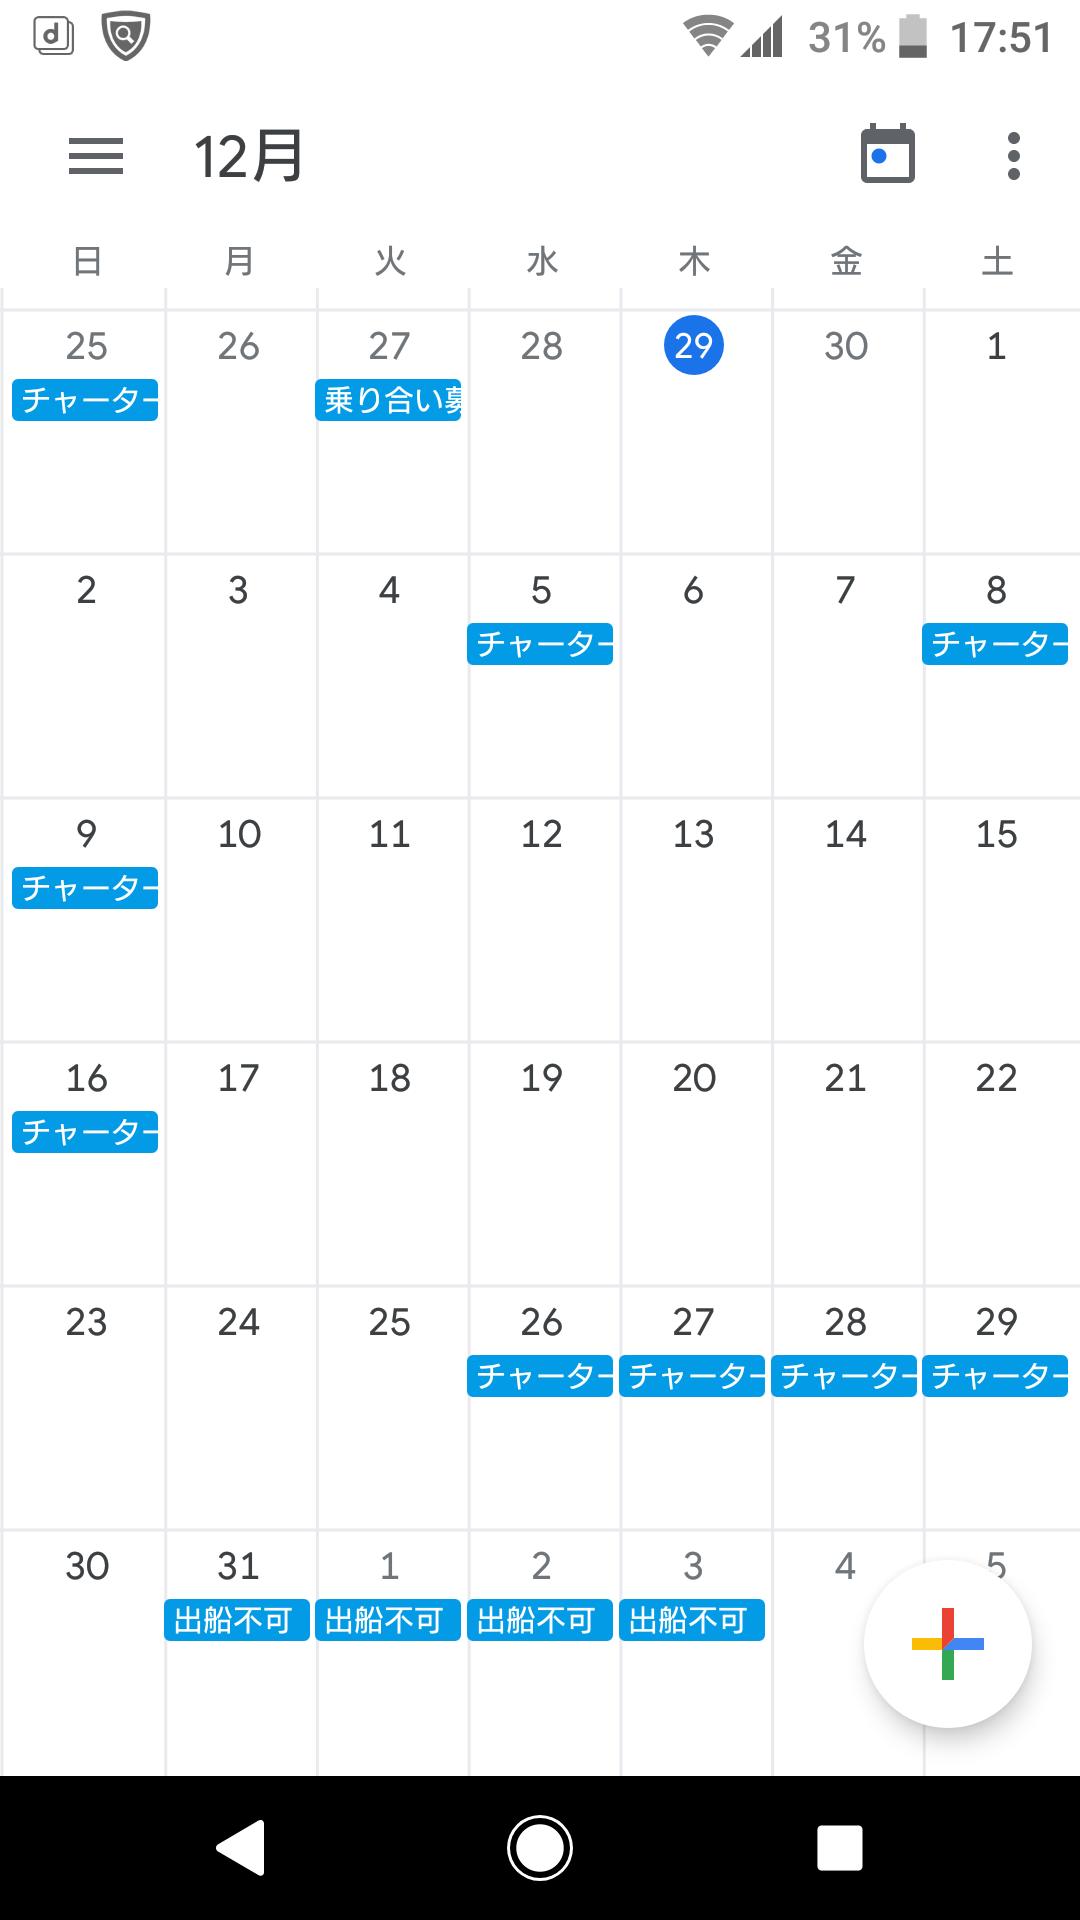 来月の予約状況_f0358212_17495043.png